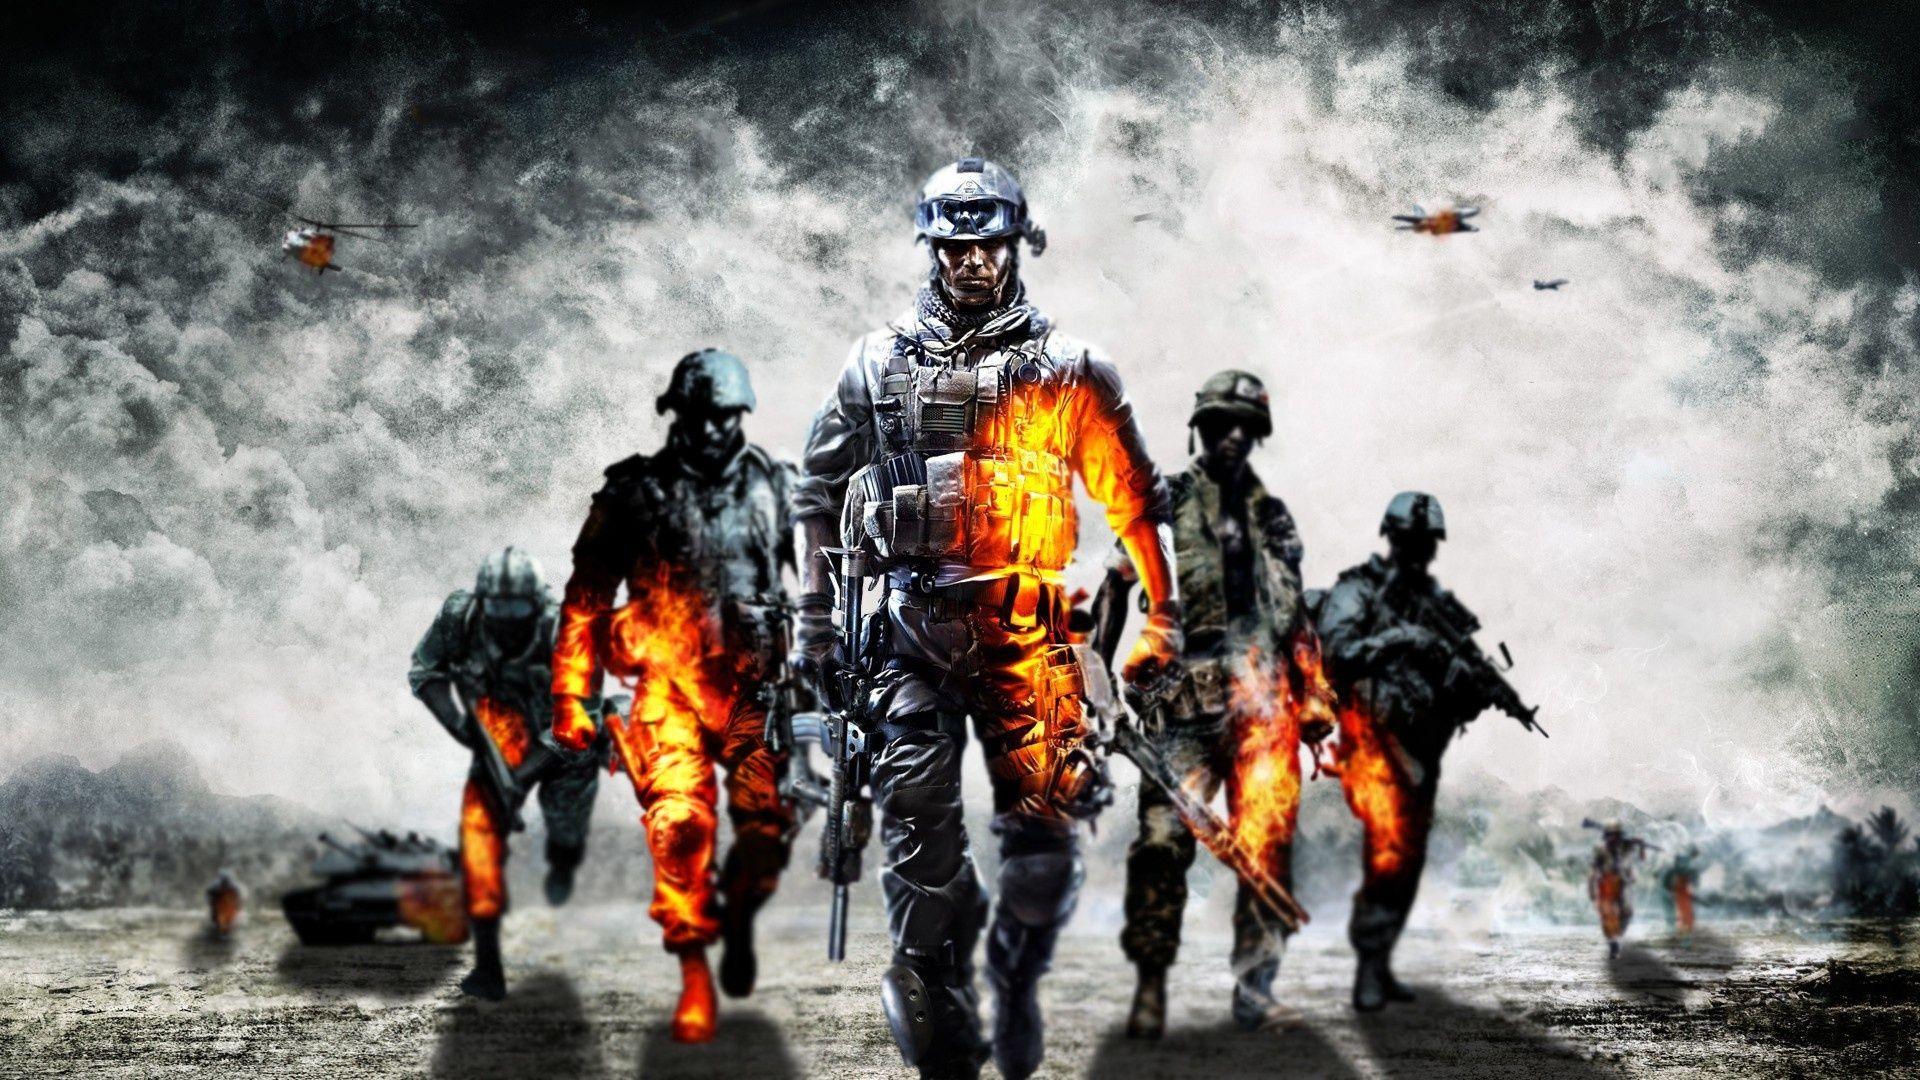 Battlefield Hd Wallpapers Find Best Latest Battlefield Hd